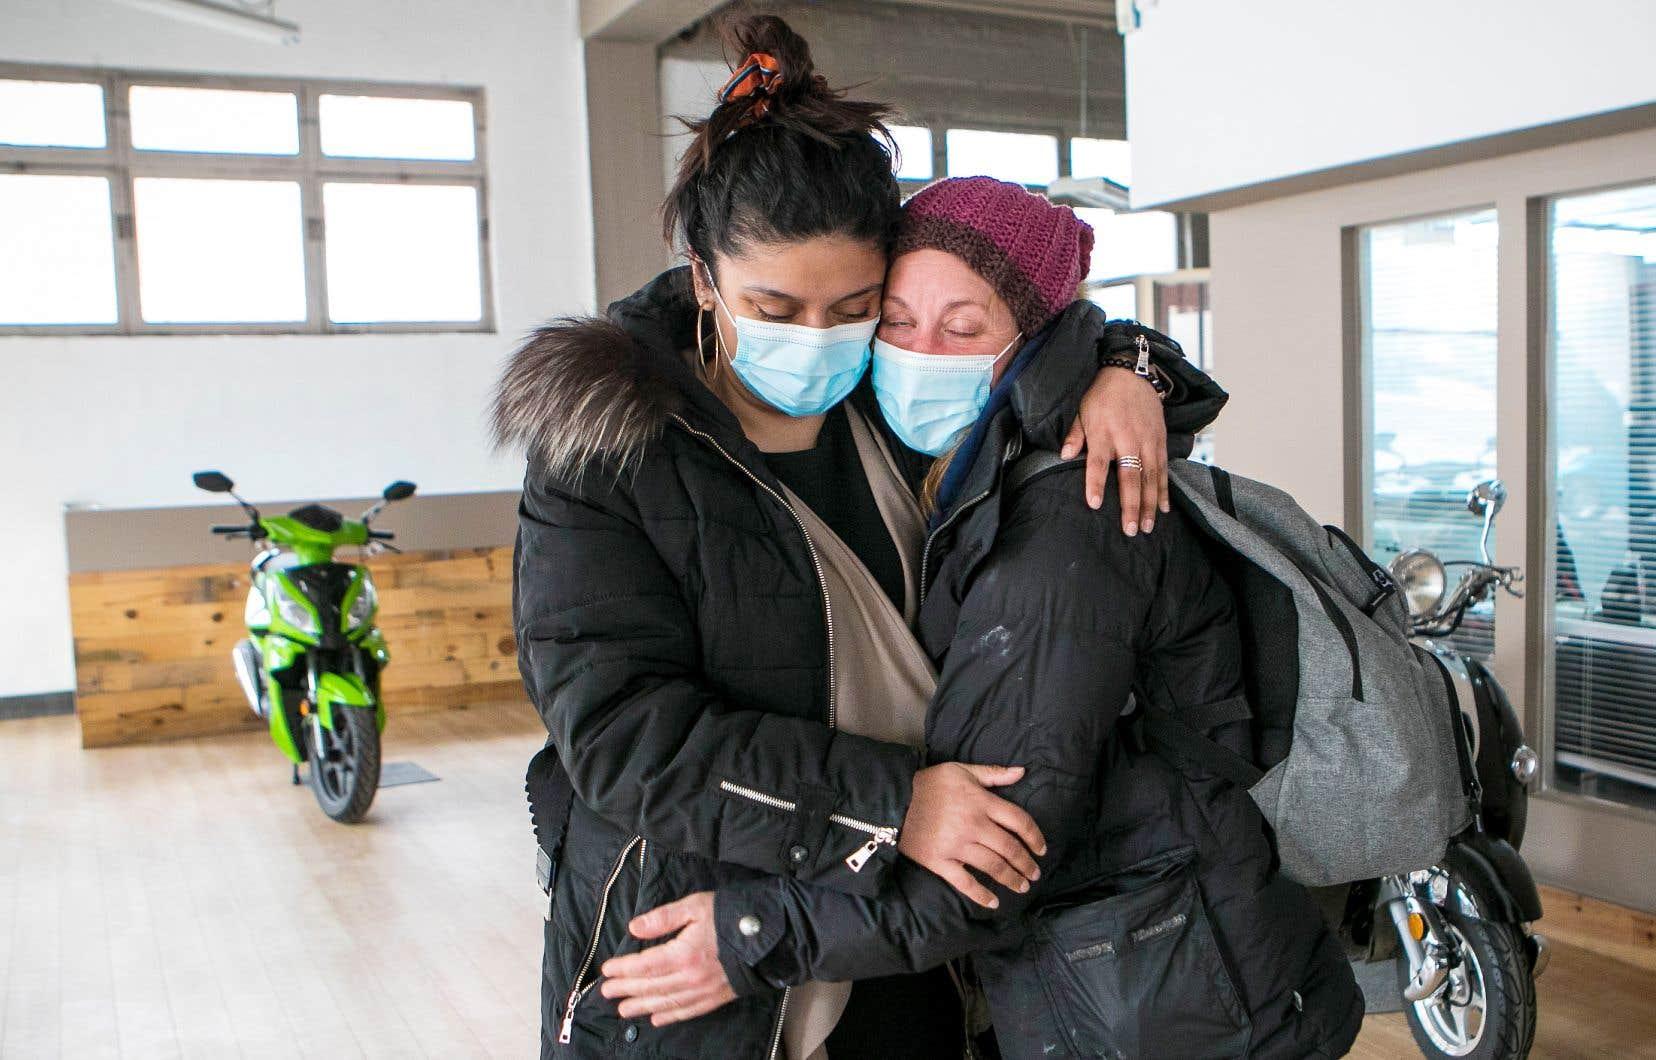 Crystal Kelly (à droite) a reçu l'aide d'intervenantes comme Alexandra Delgado pour obtenir un logement. Mais après quatre ans dans la rue, elle n'était pas prête à réintégrer une certaine «norme sociale». Et son cas n'est pas unique.